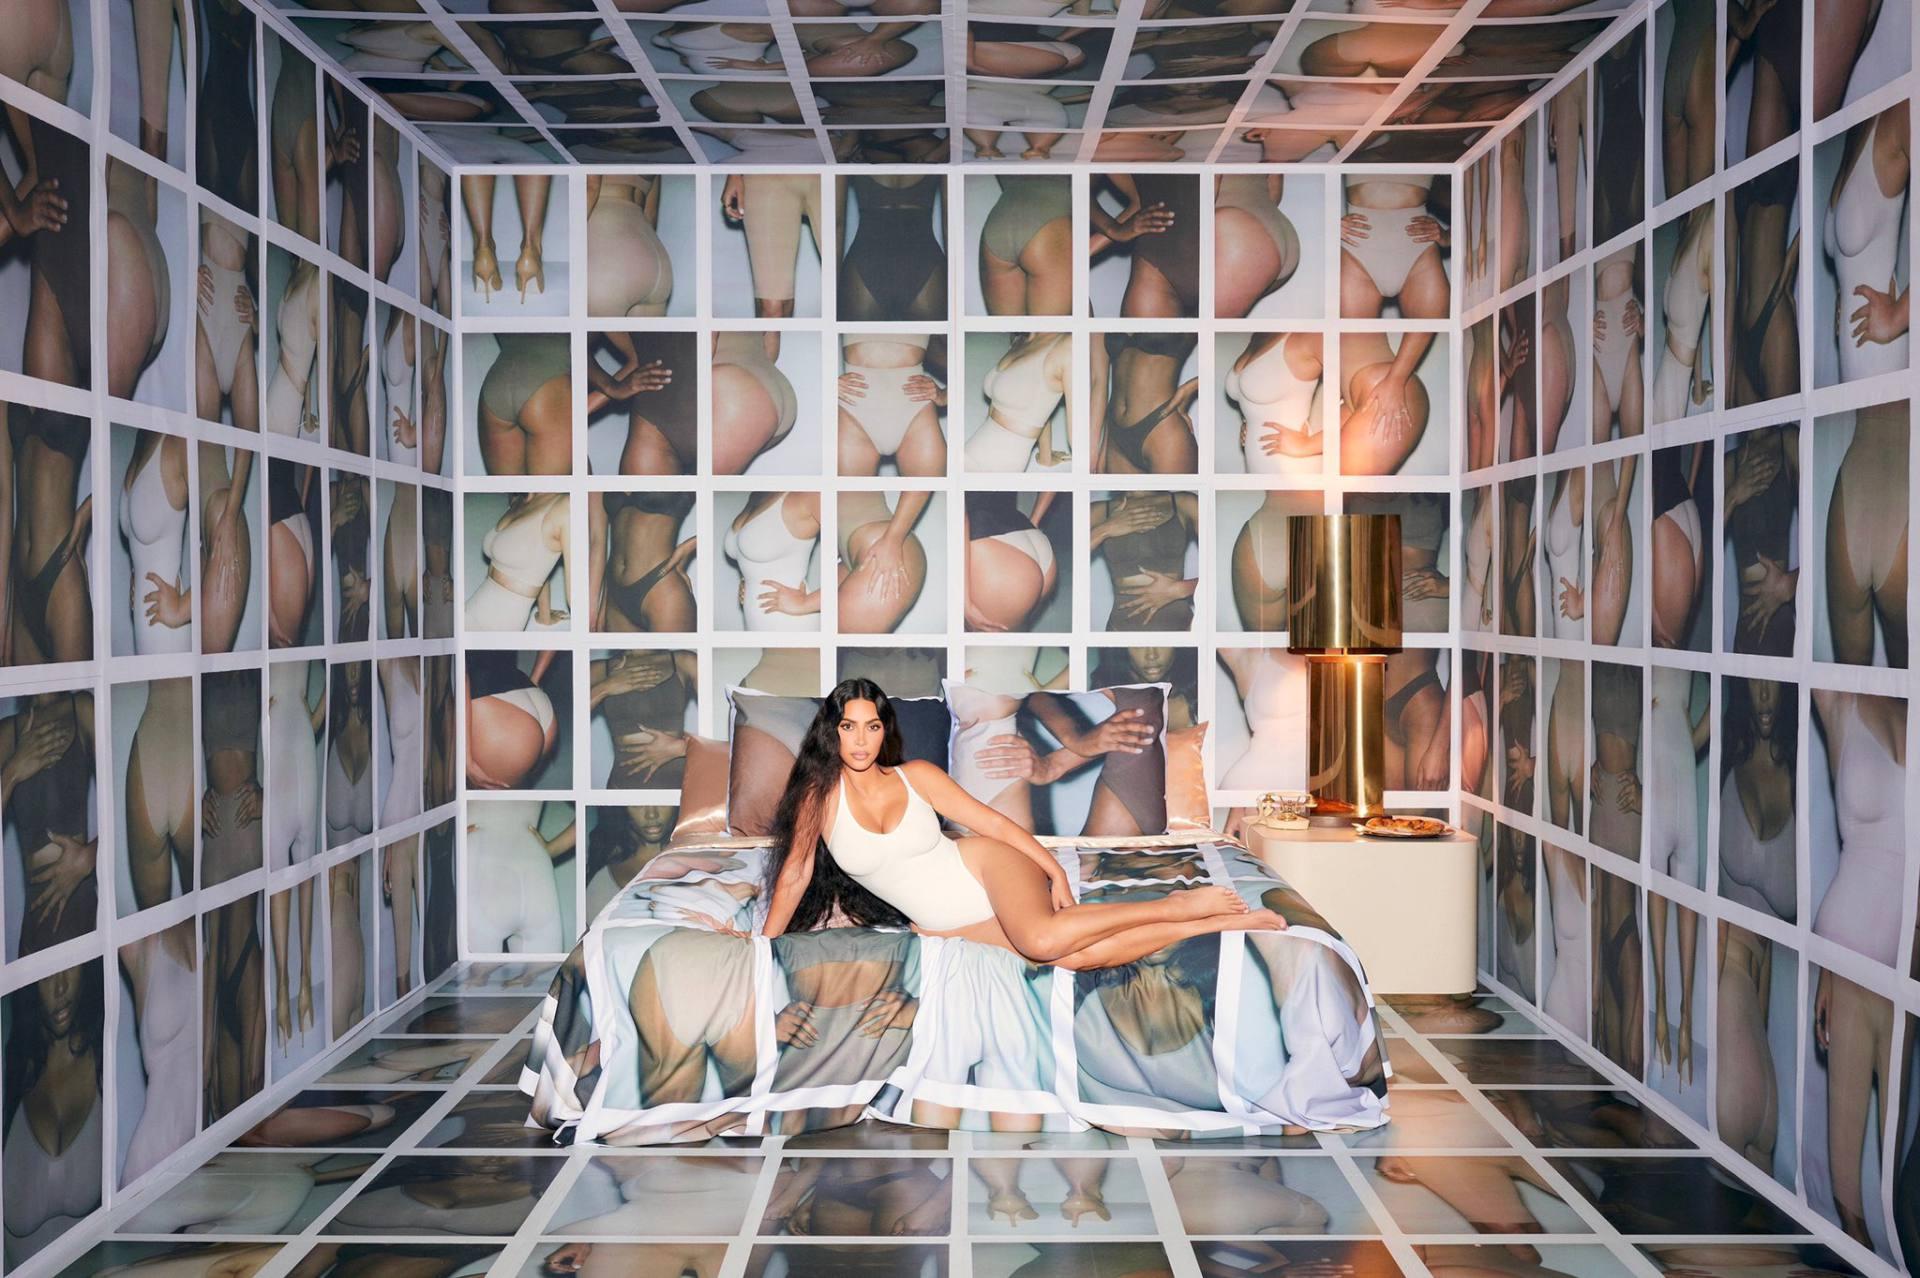 Kim Kardashian Sexy Curvy Body